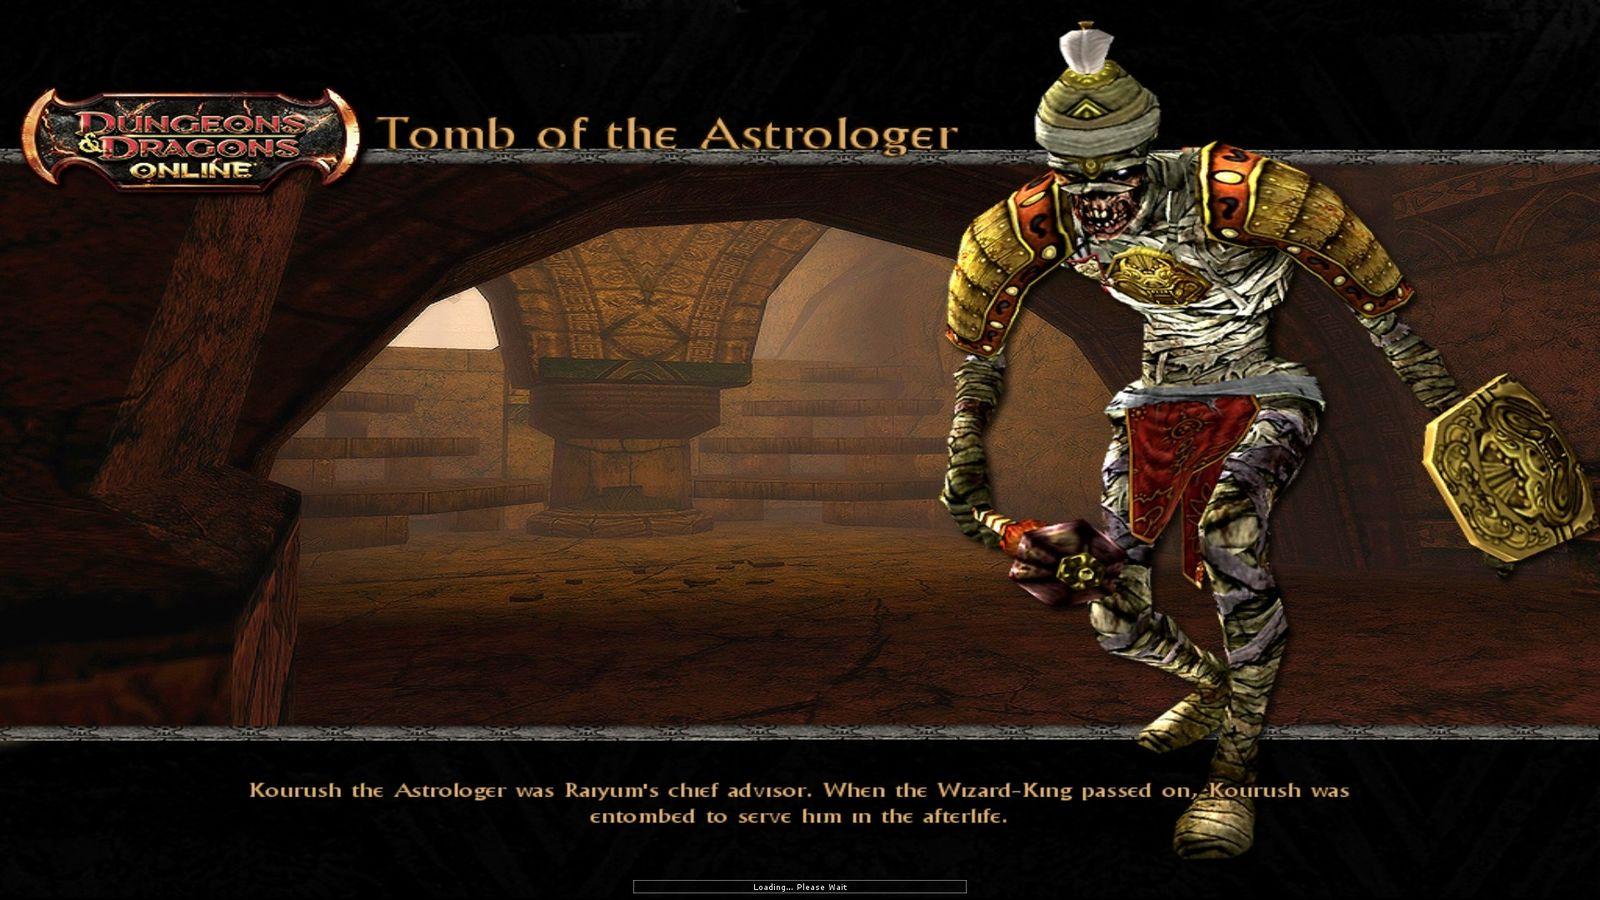 The Chamber of Kourush